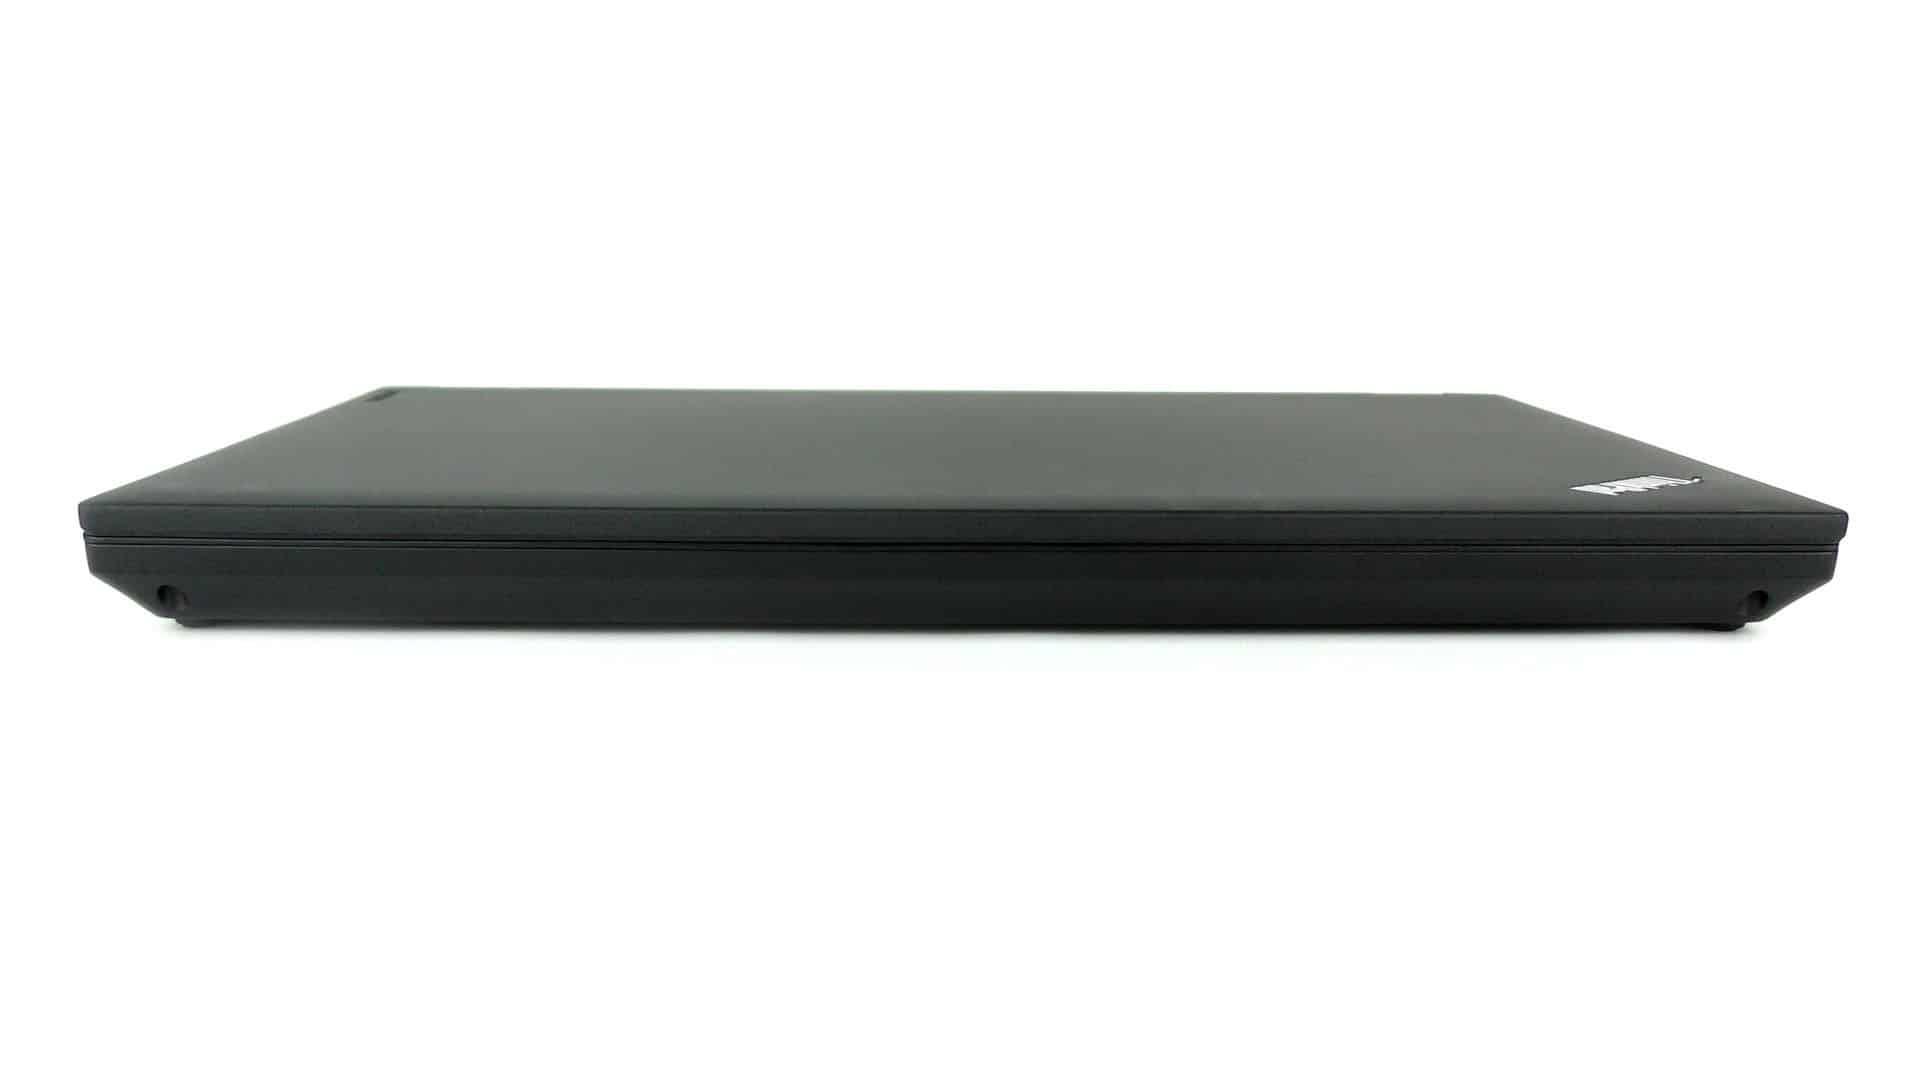 Lenovo ThinkPad P71 - front notebooka